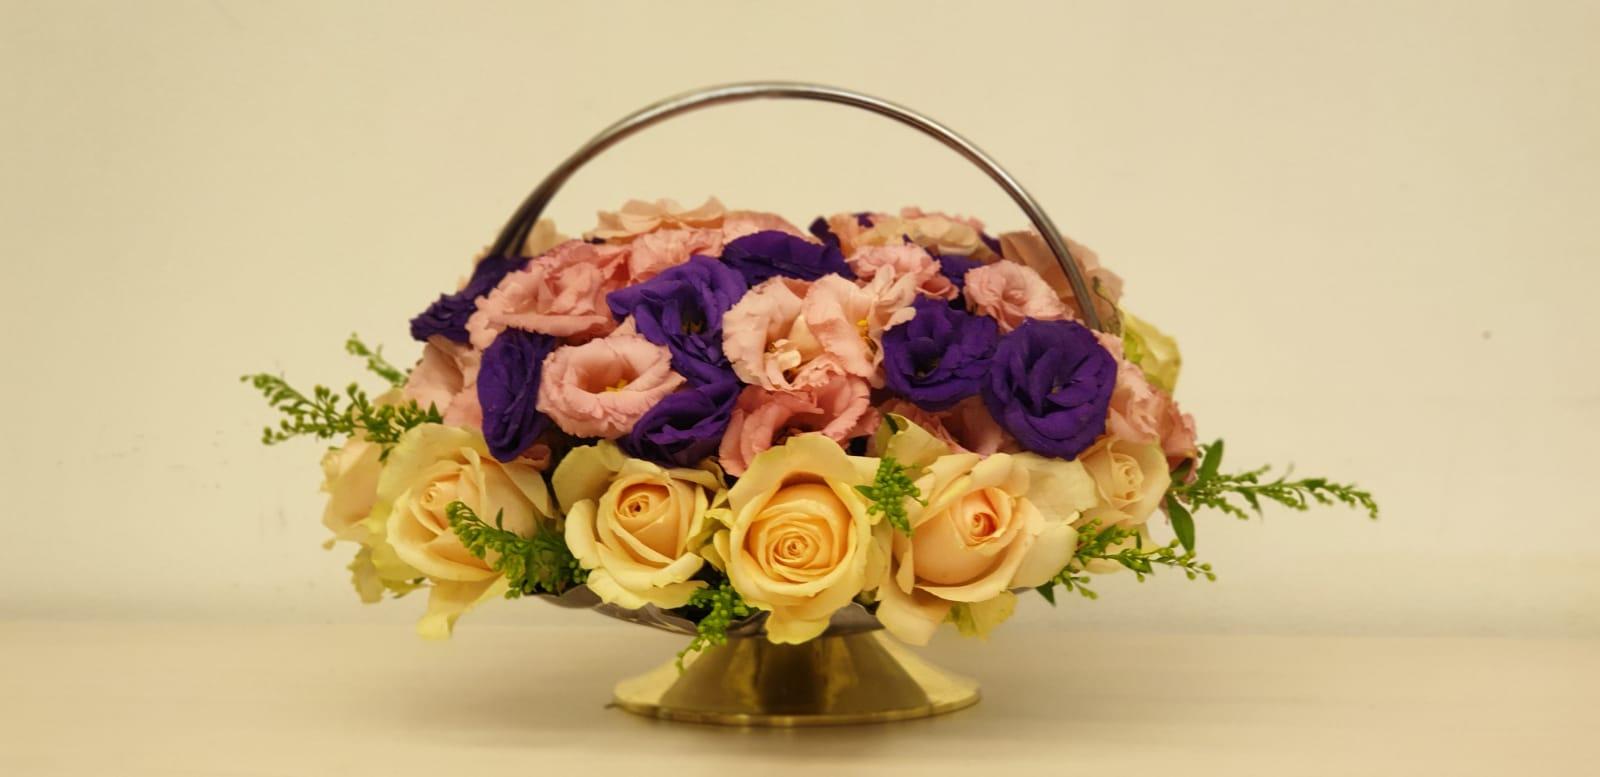 גלרייה - שיעור שזירת פרחים - קורס הפקת אירועים מחזור 23, 15 מתוך 32